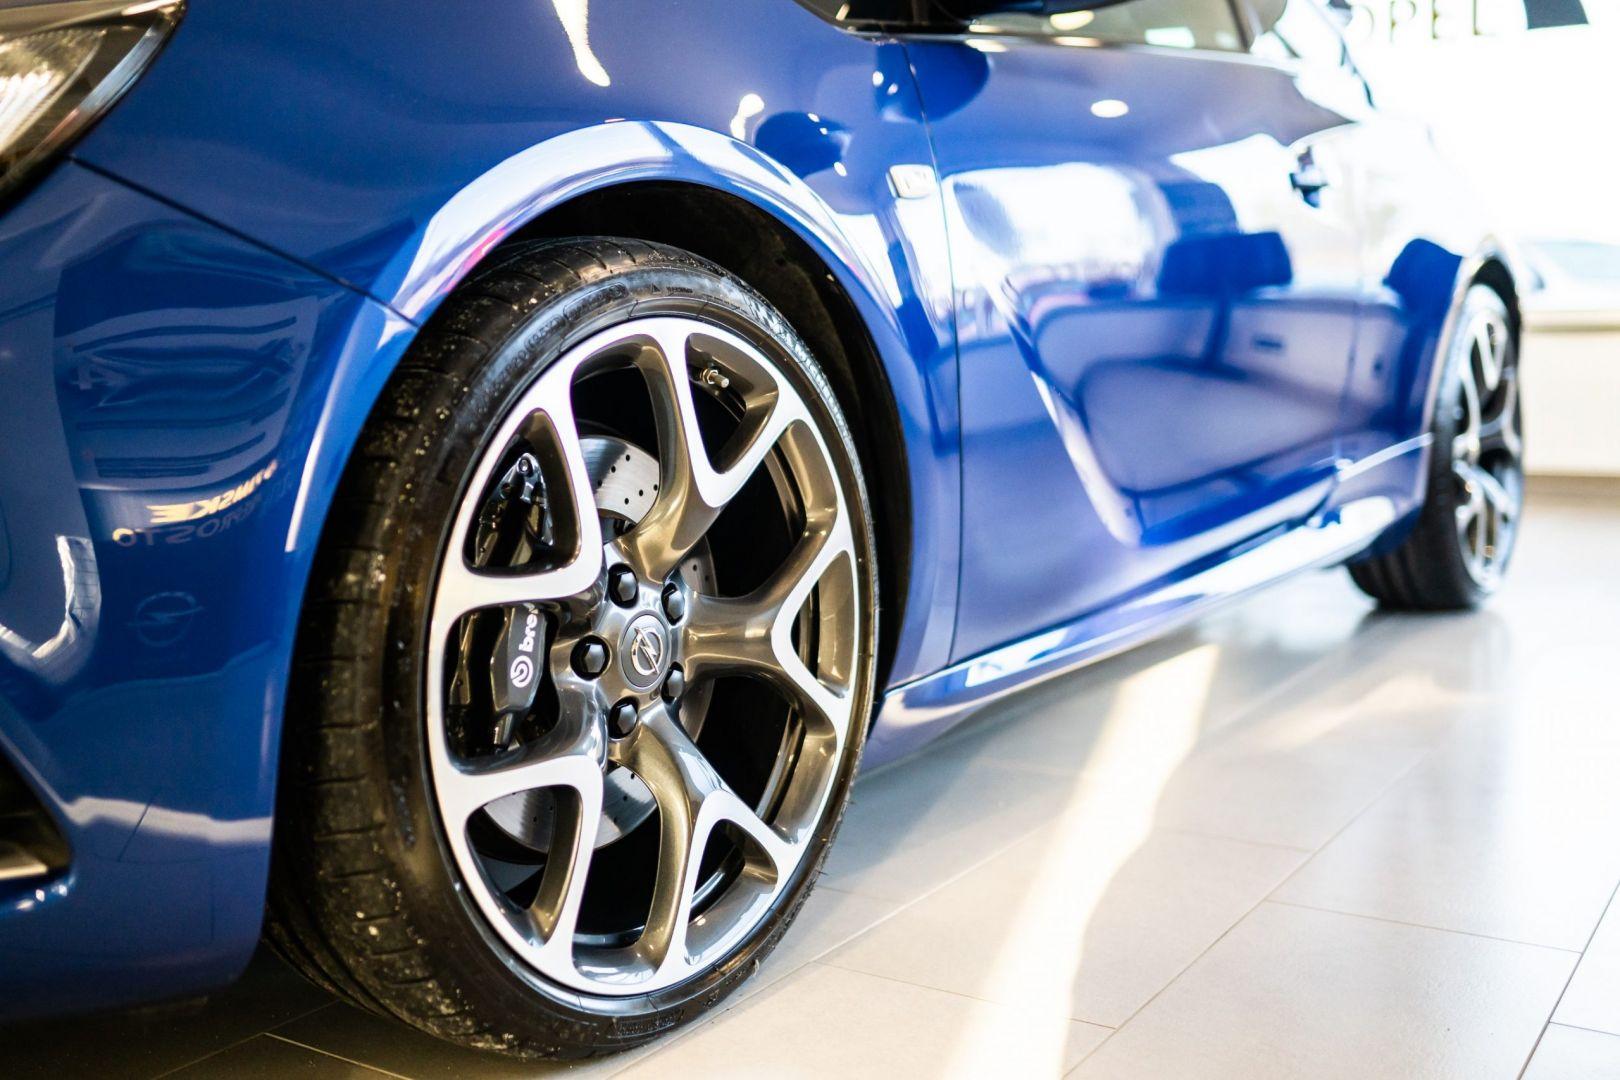 avtohisa-zalar-nova-rabljena-vozila-servis-prodaja-vzdrzevanje-zavarovanje-svetovanje (5)